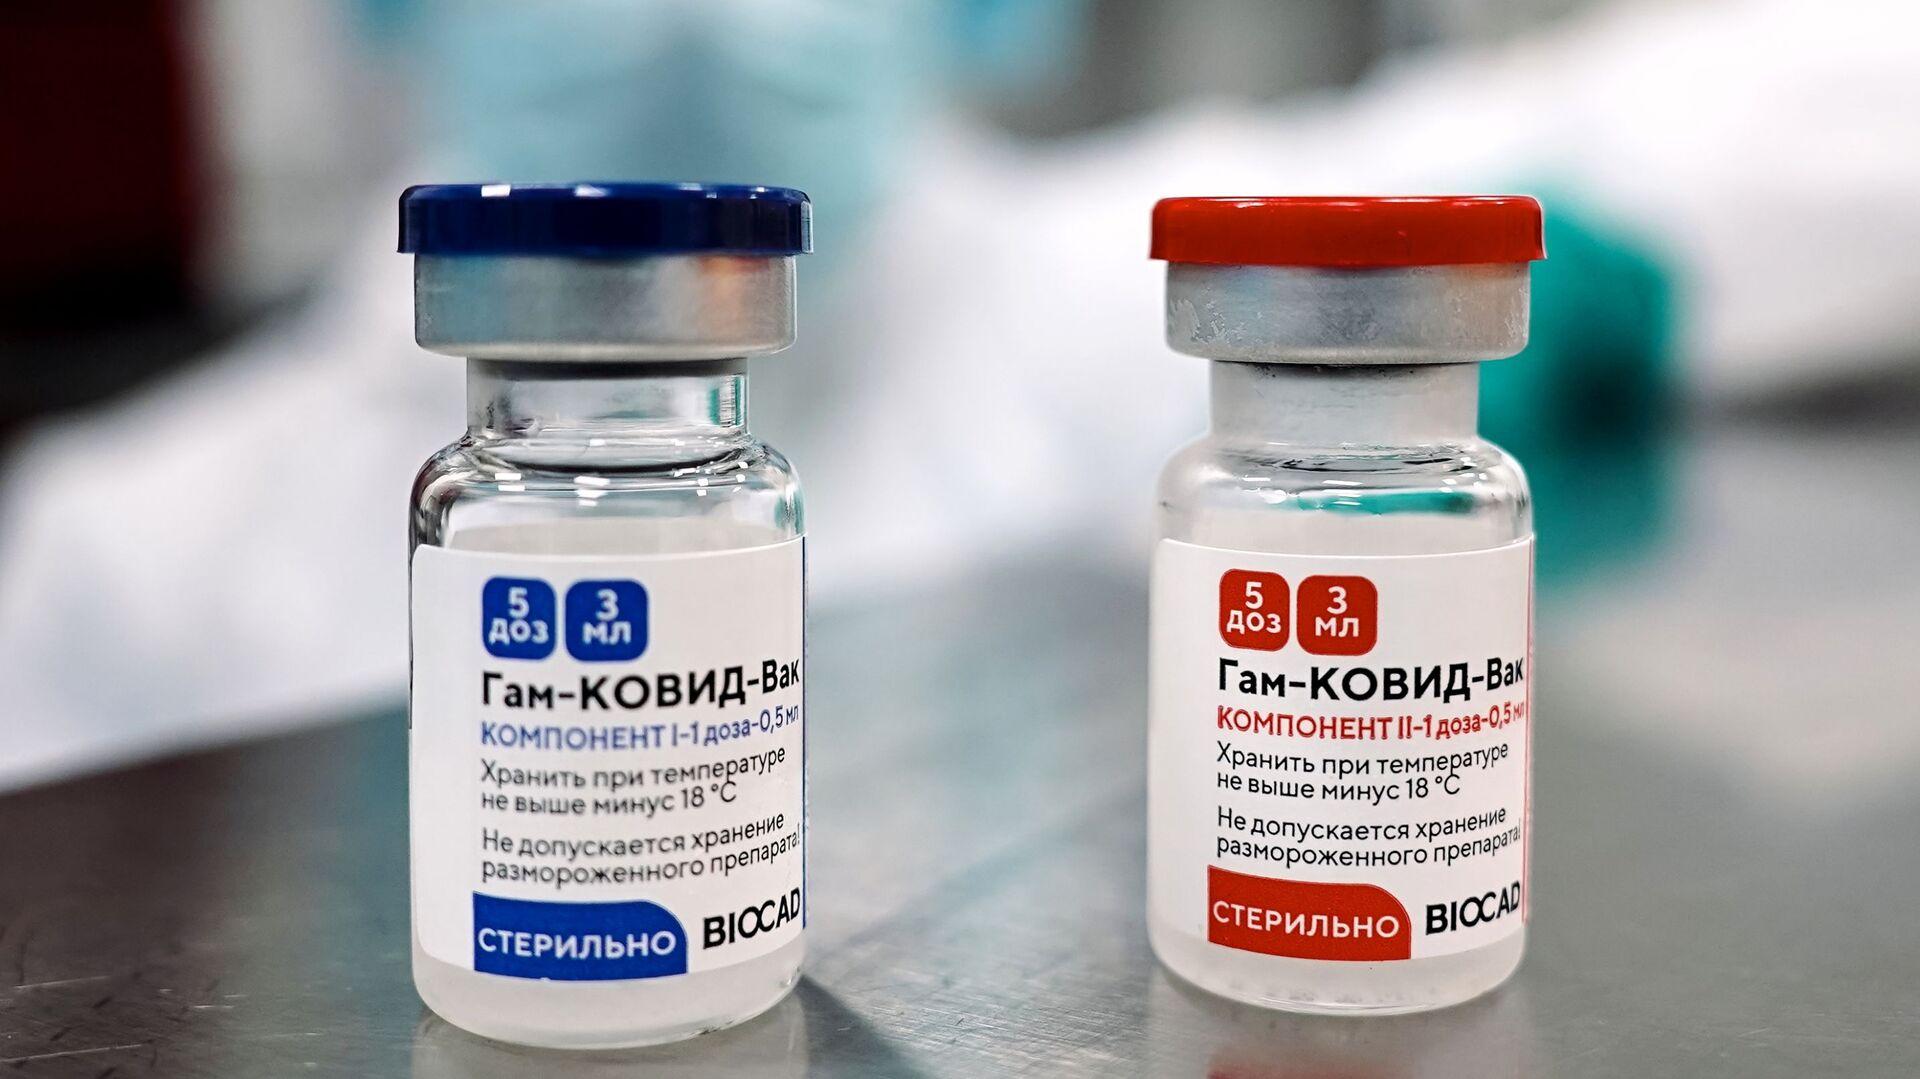 Sản xuất vắc xin Nga chống COVID-19 Sputnik V (Gam-COVID-Vac) tại St.Petersburg. - Sputnik Việt Nam, 1920, 07.10.2021